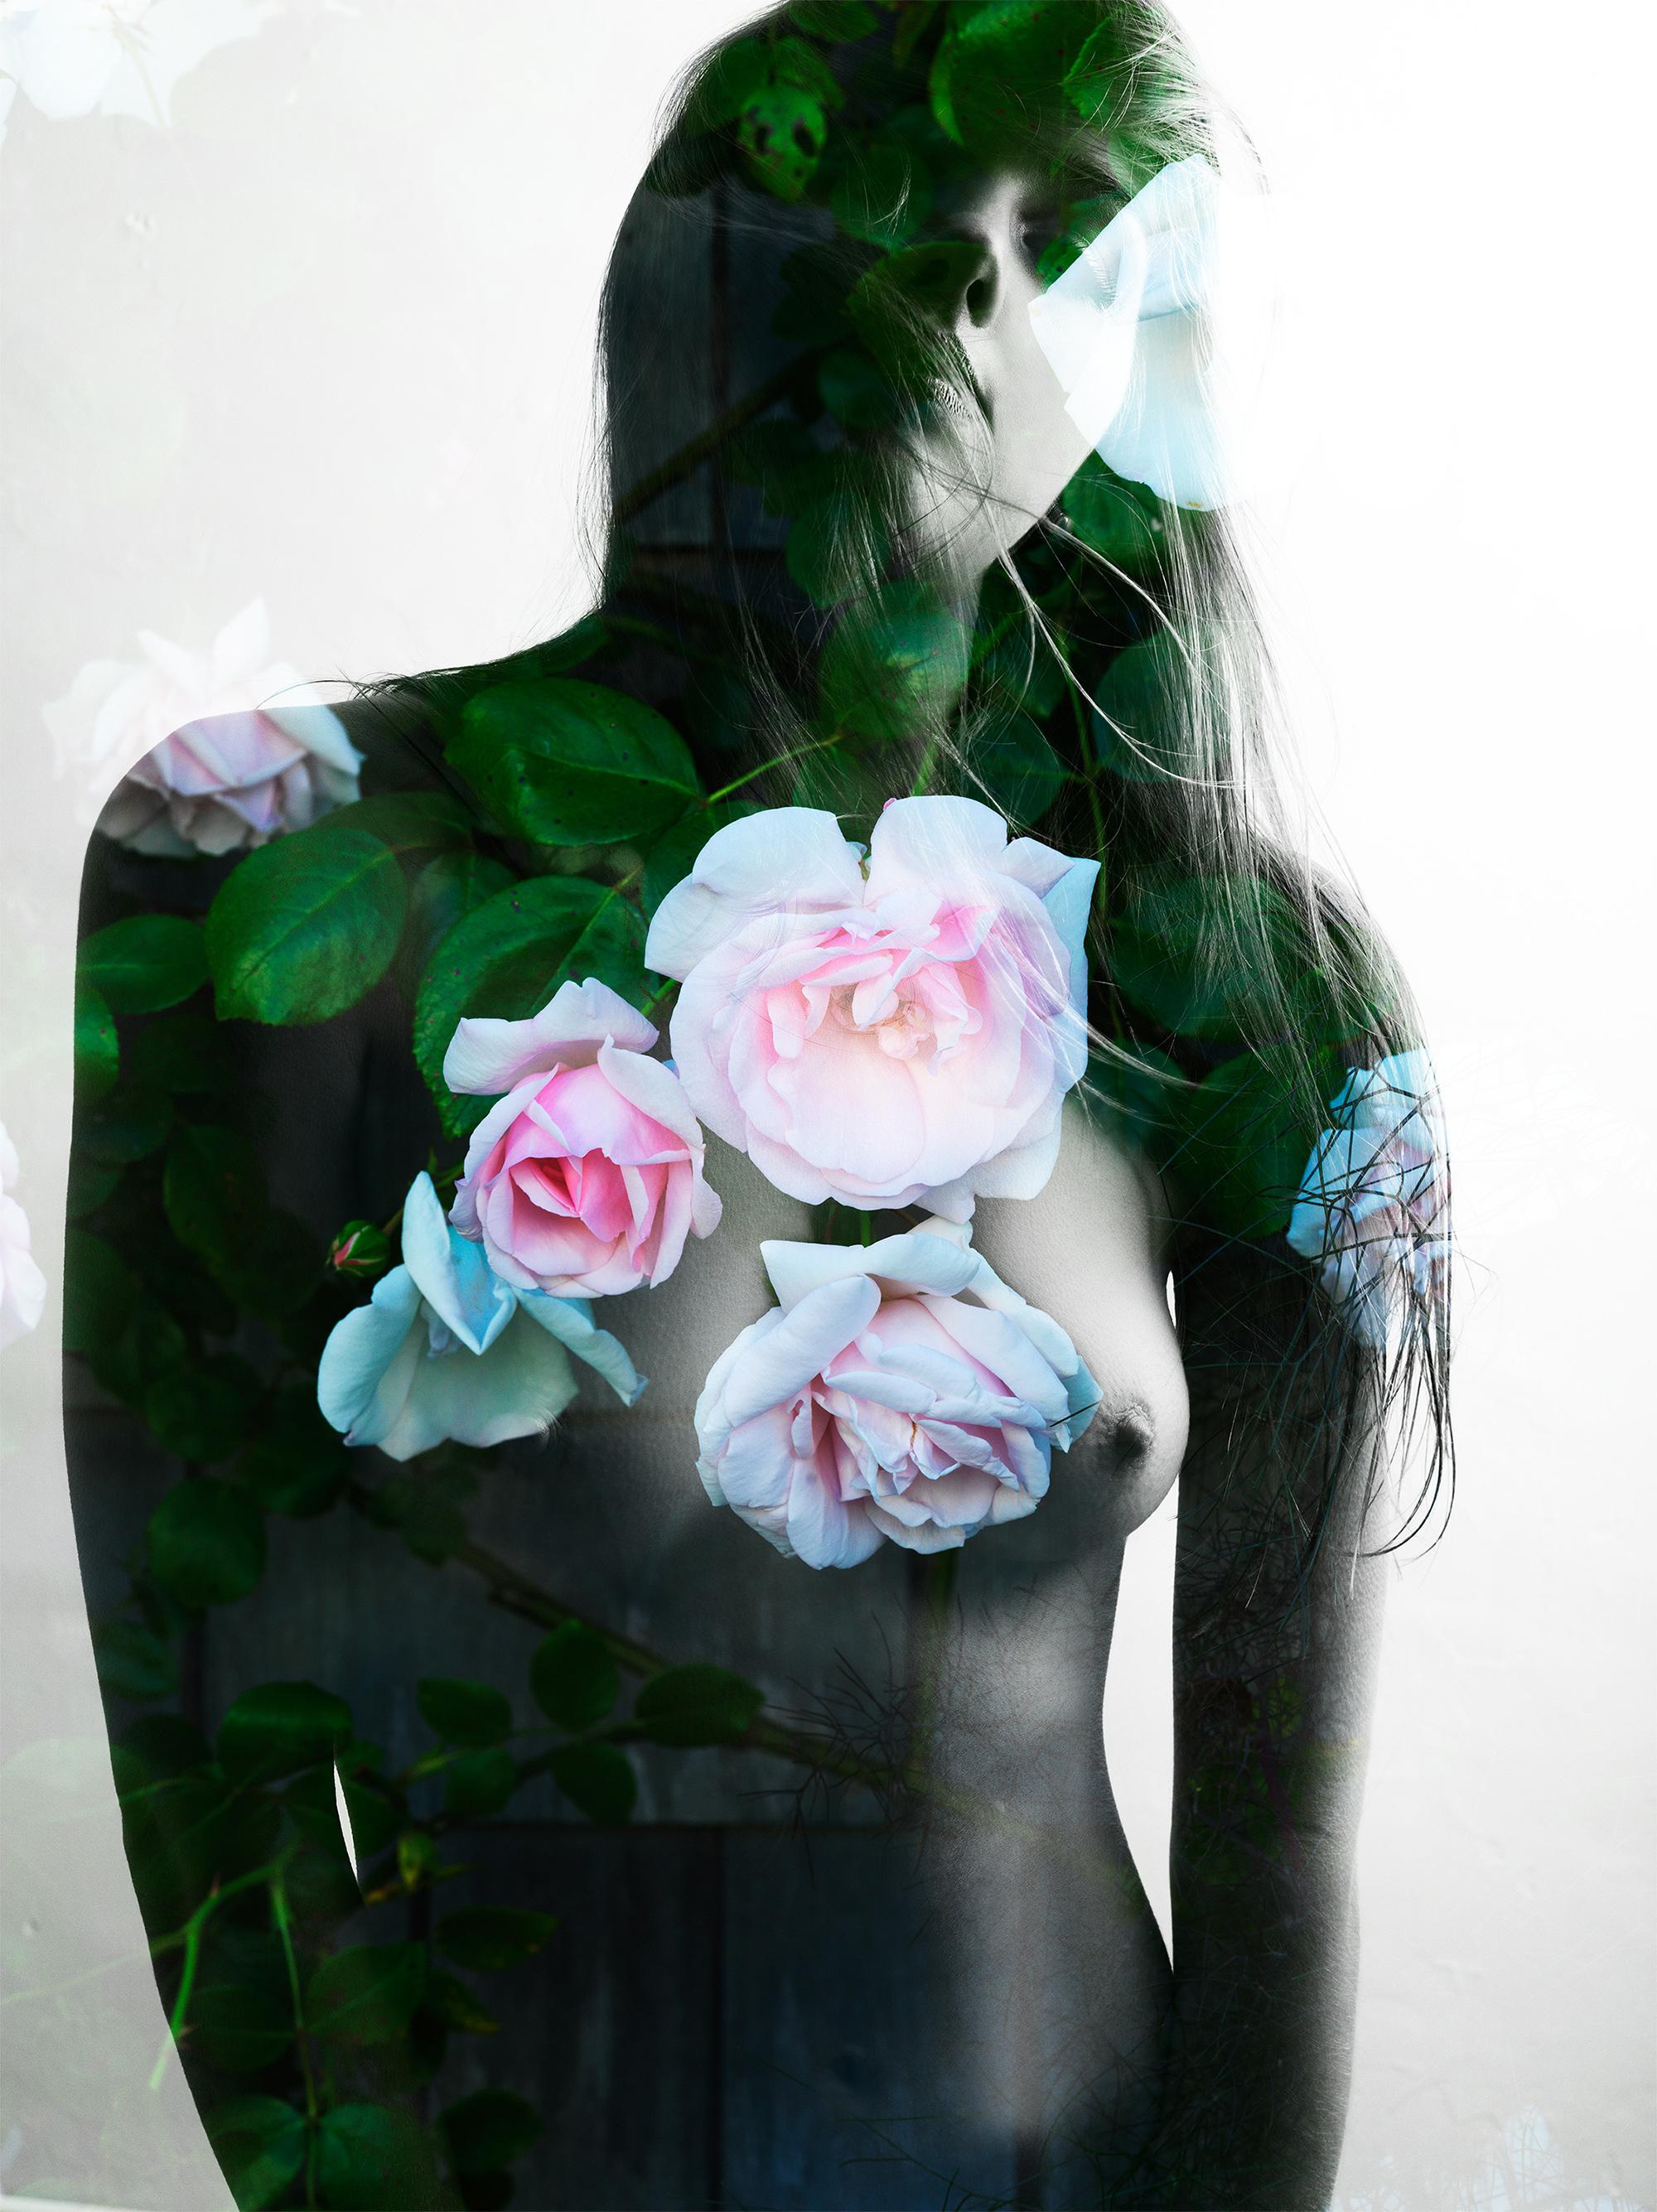 Sconset Rose